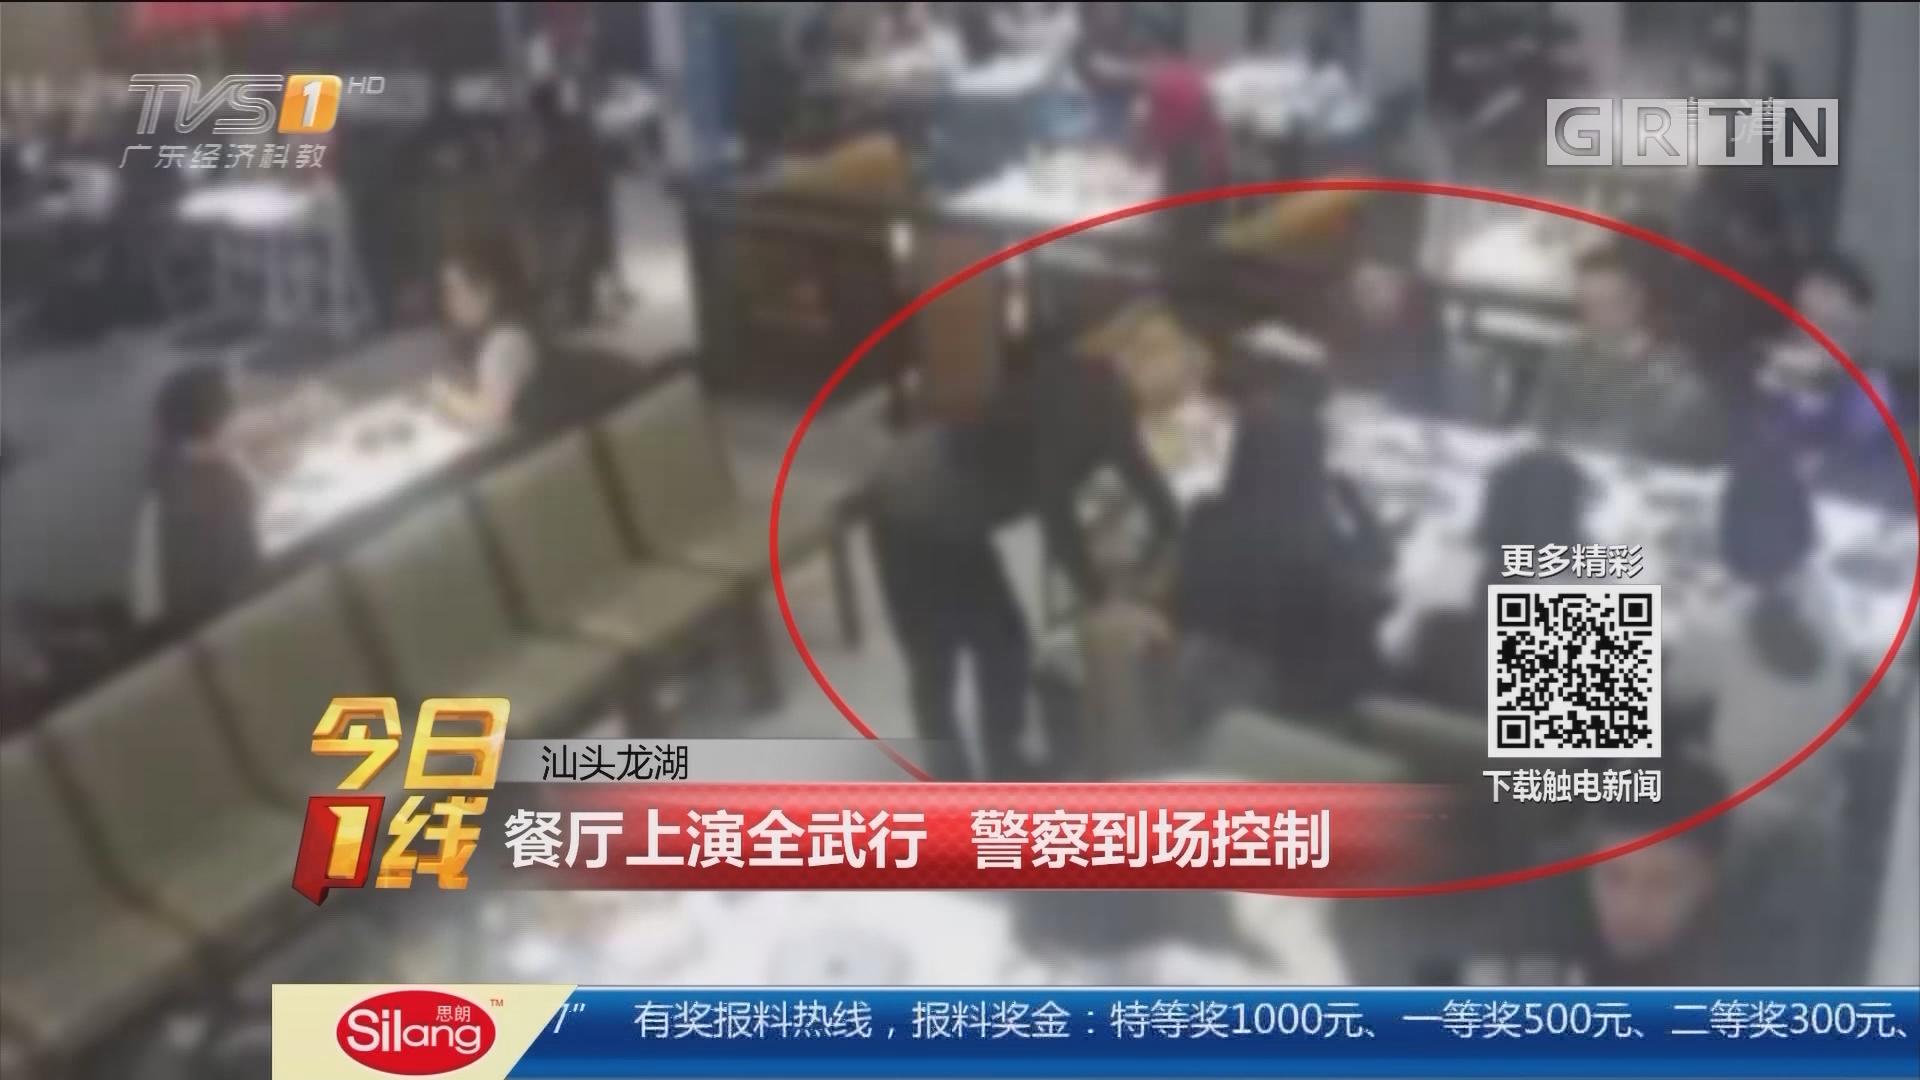 汕头龙湖:餐厅上演全武行 警察到场控制